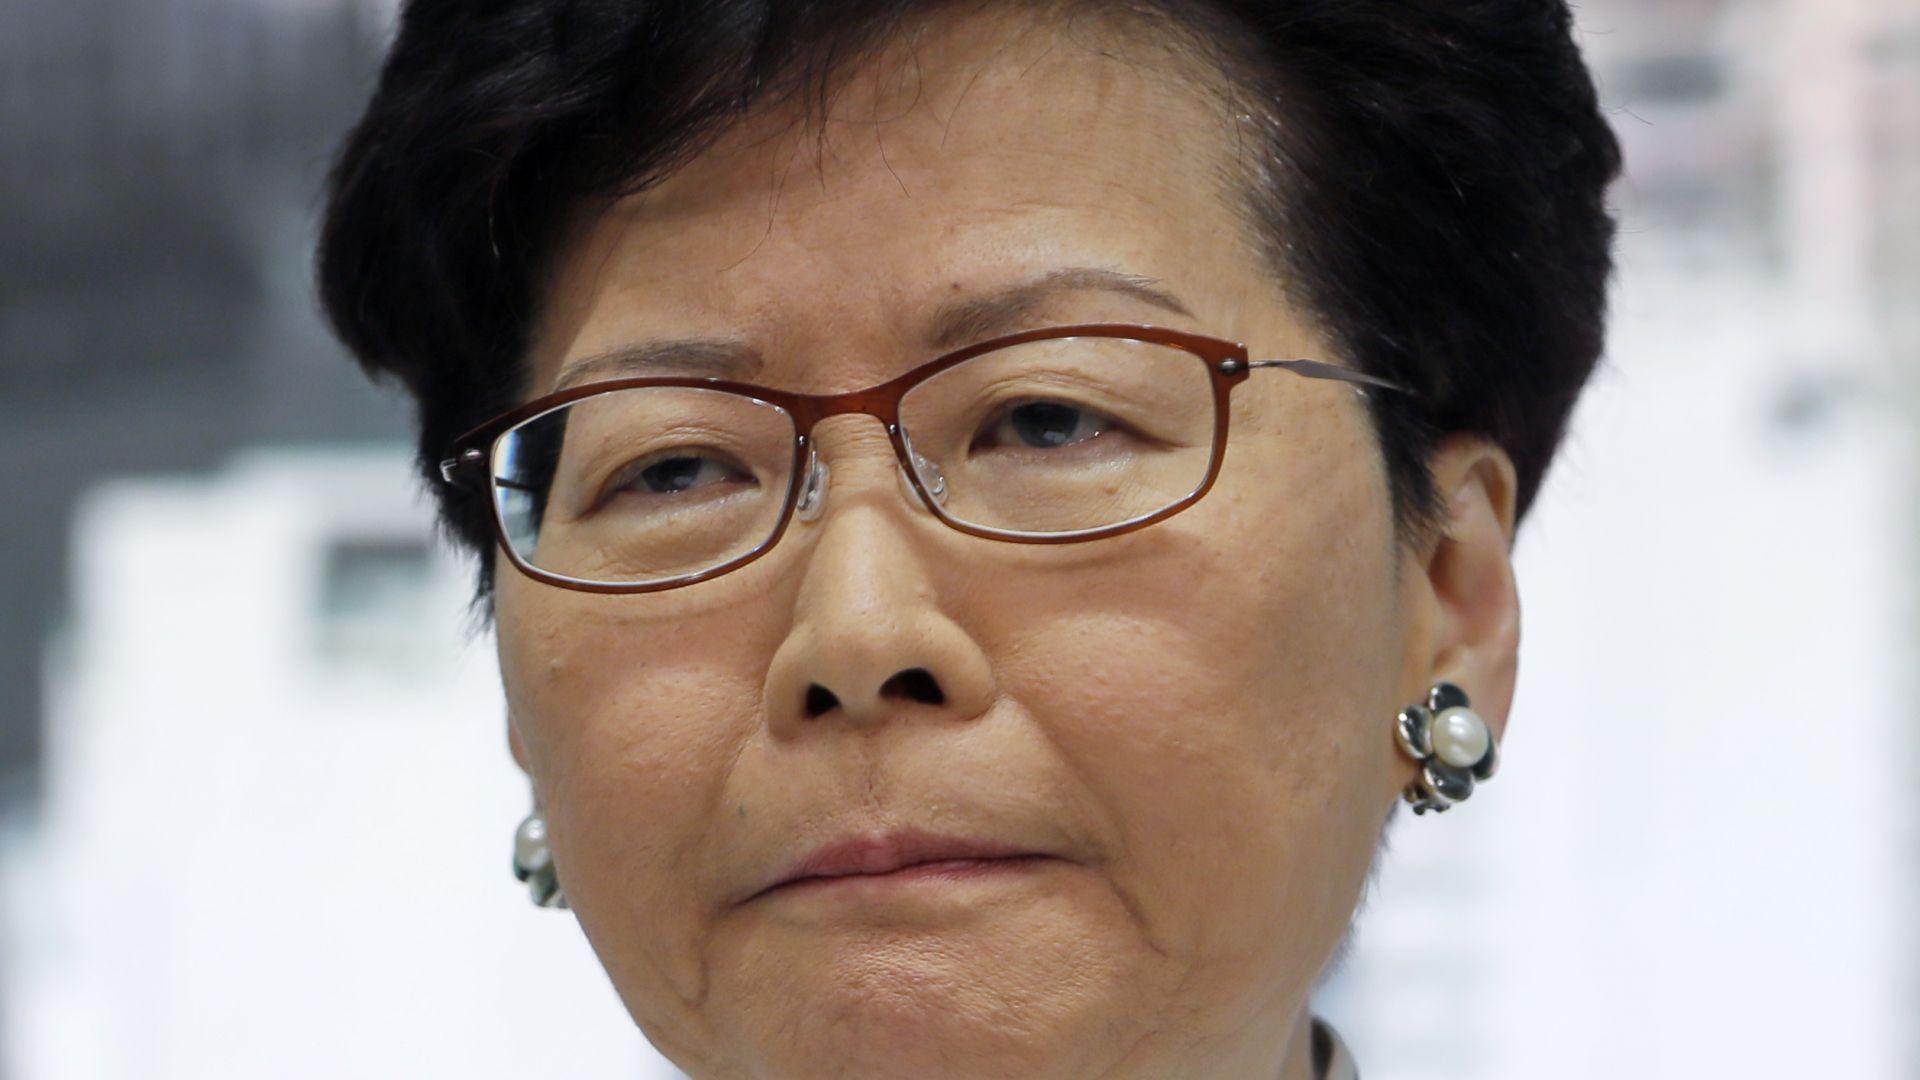 Лидерката на Хонконг прогнозира икономическо цунами заради протестите